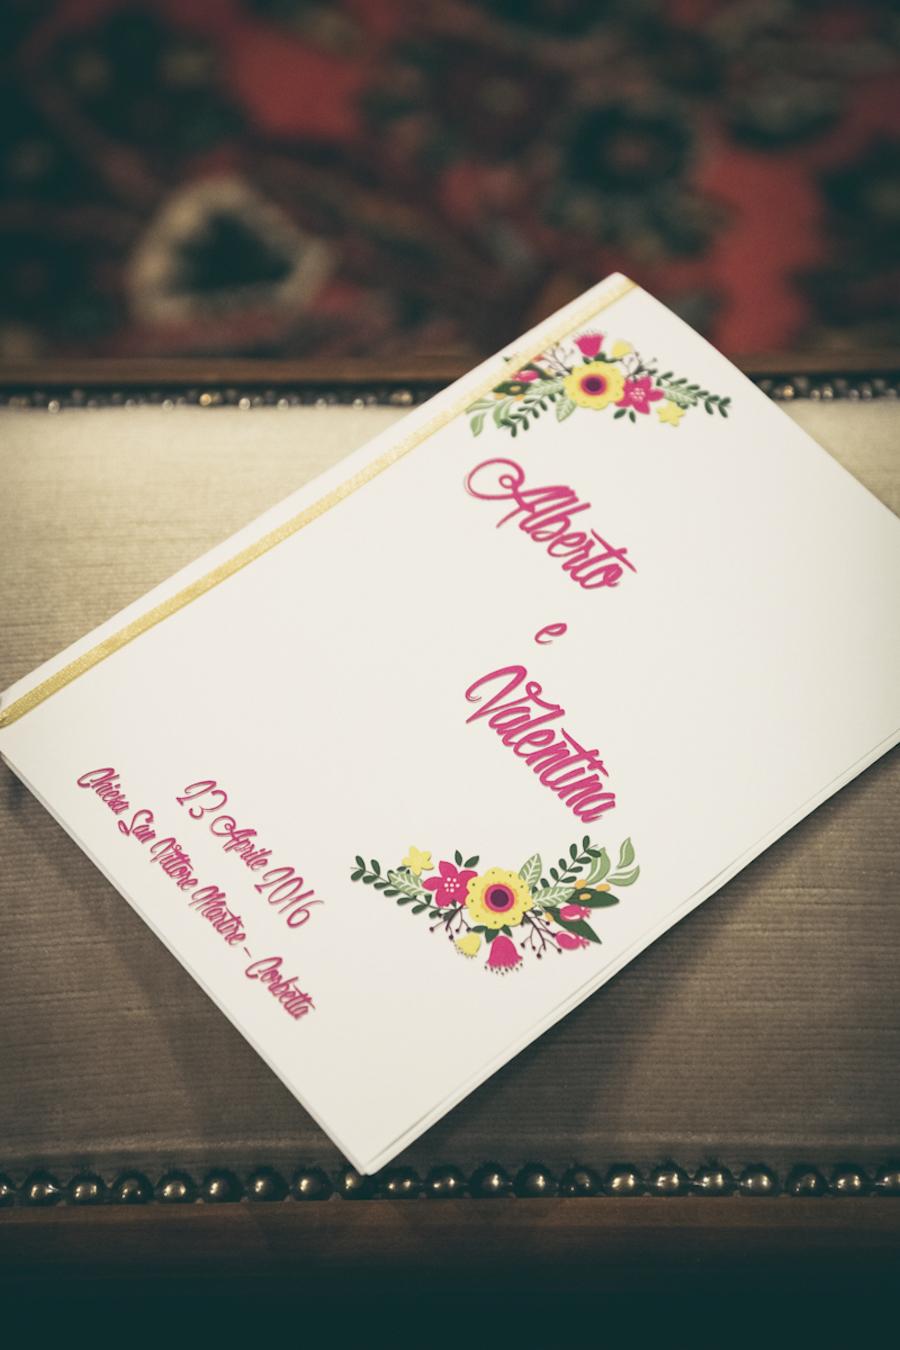 matrimonio-colorato-con-fenicotteri-matrimonio-adhoc-05